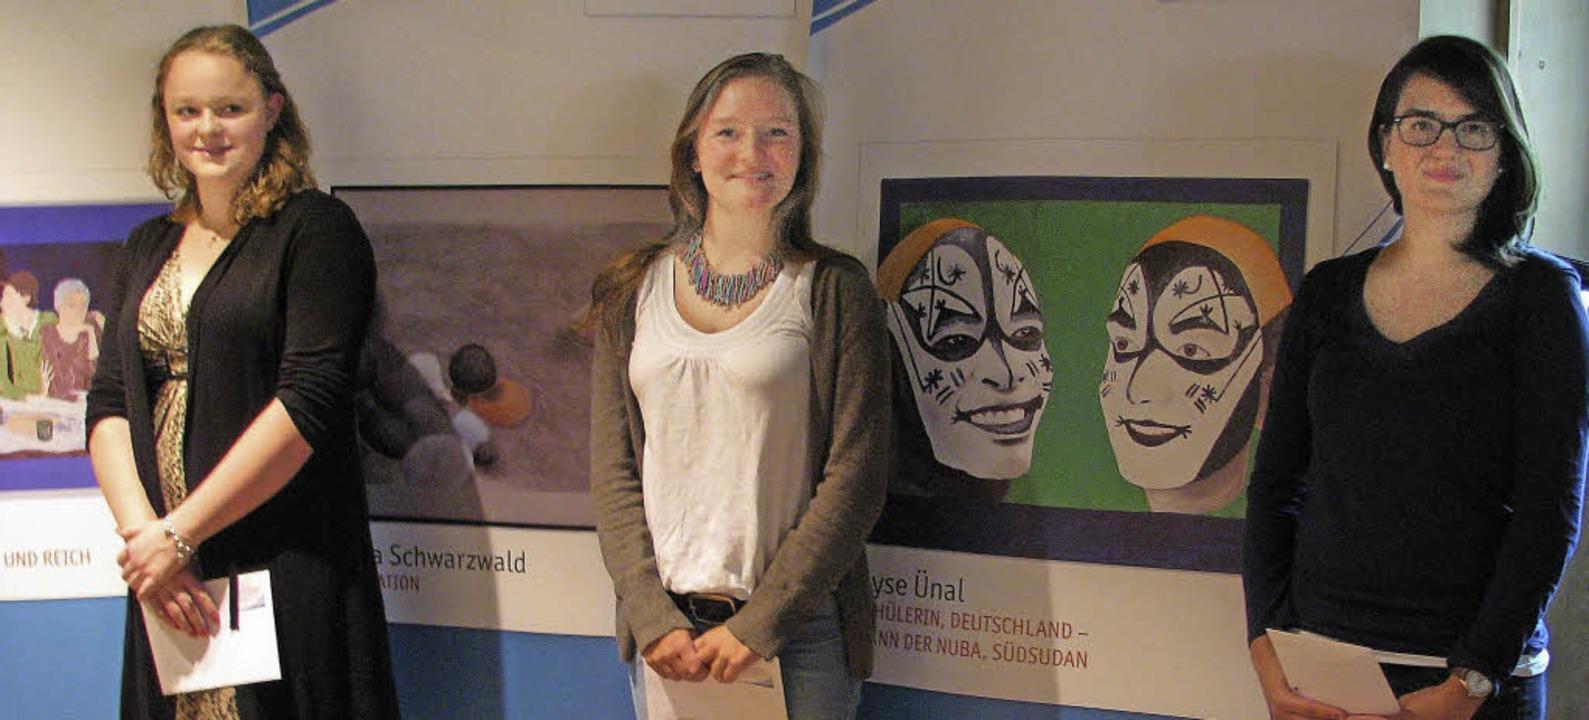 Überzeugten die Jury mit ihren Arbeite...chwarzwald und Ayse Ünal (von links).     Foto: Monika Rombach